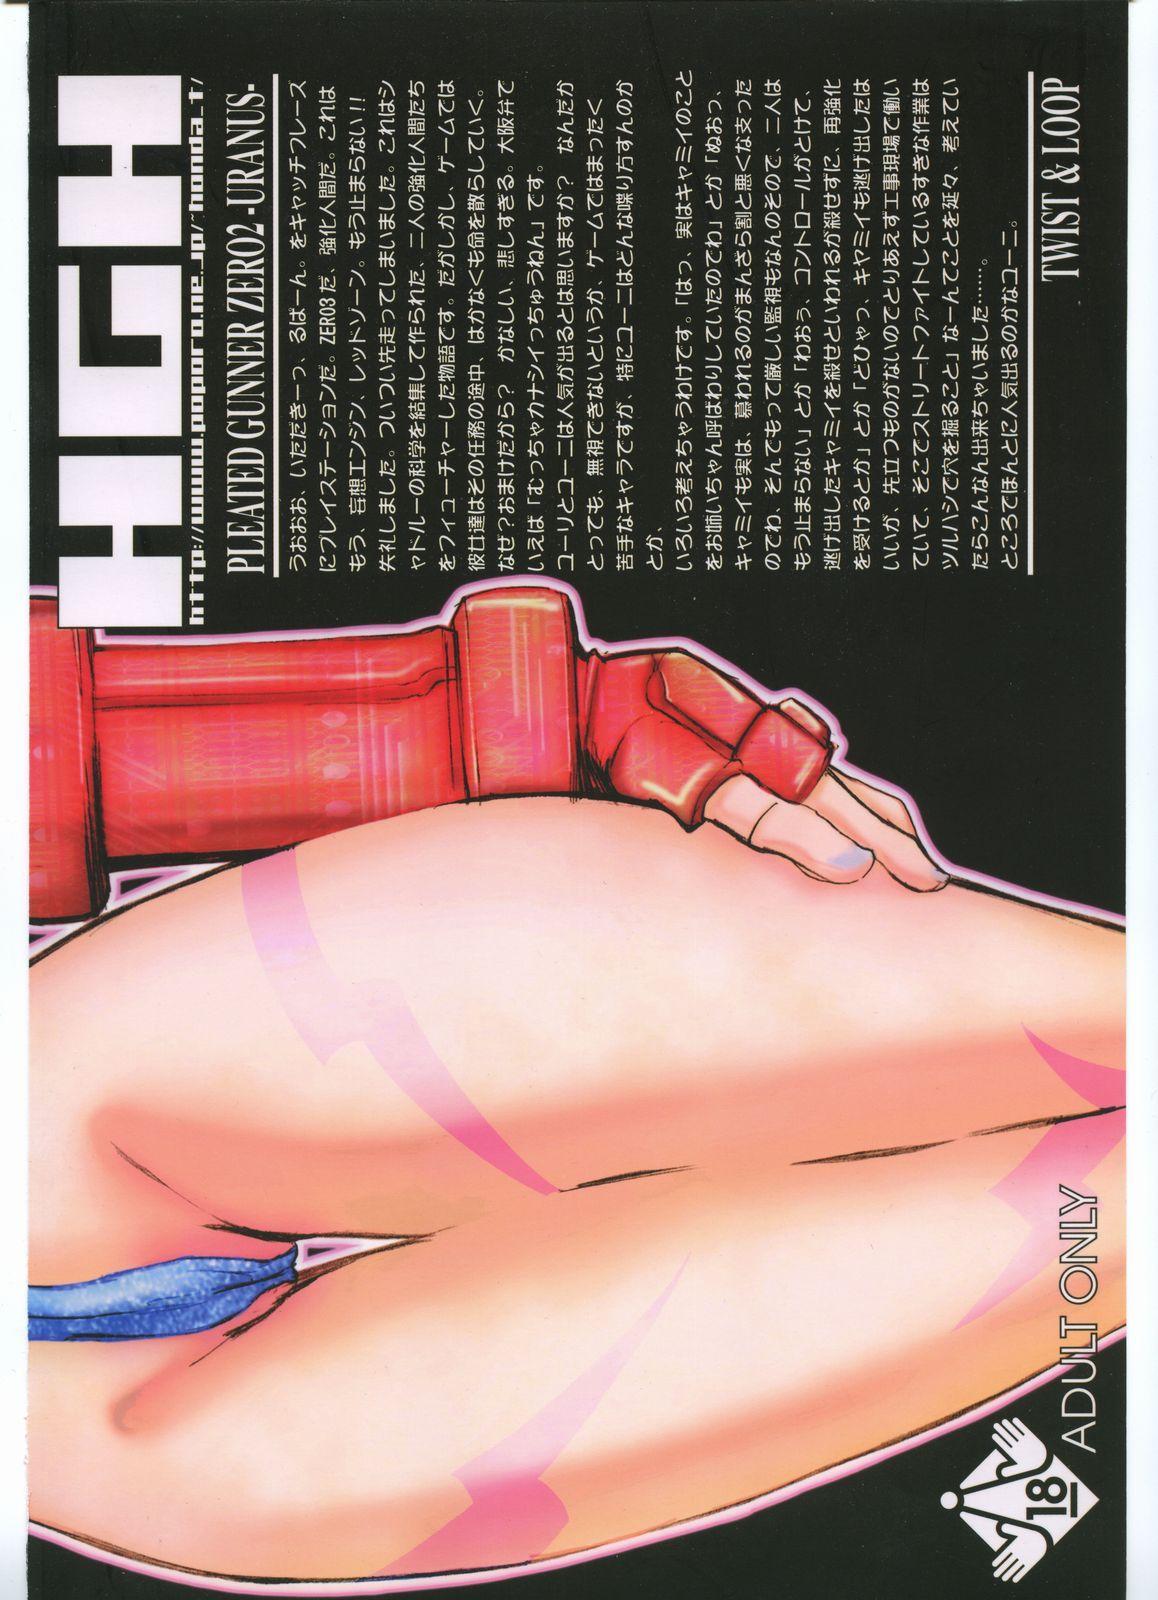 Pleated Gunner #02 - Uranus 57